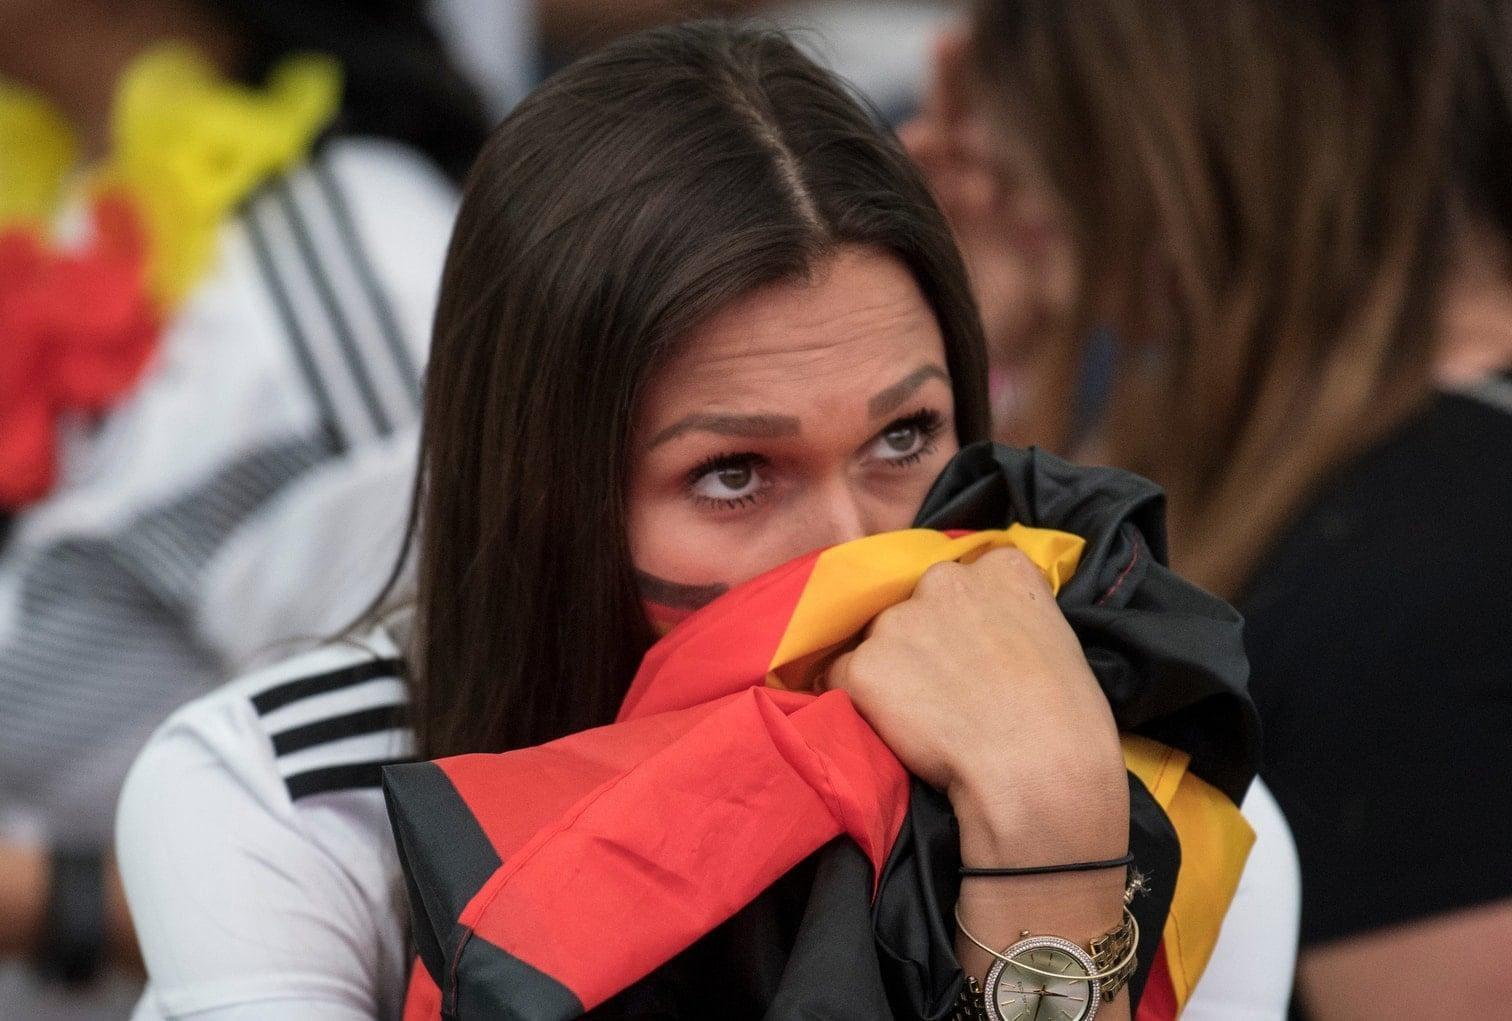 <p>Nach dem 0:1 gegen Mexiko befindet sich die Nationalmannschaft in &bdquo;einer absolut ungewohnten Situation&ldquo;. Der Fehlstart fordert auch den Bundestrainer. Der Weltmeisterfluch droht. Wir haben die Pressestimmen zusammengestellt.</p> Foto: dpa